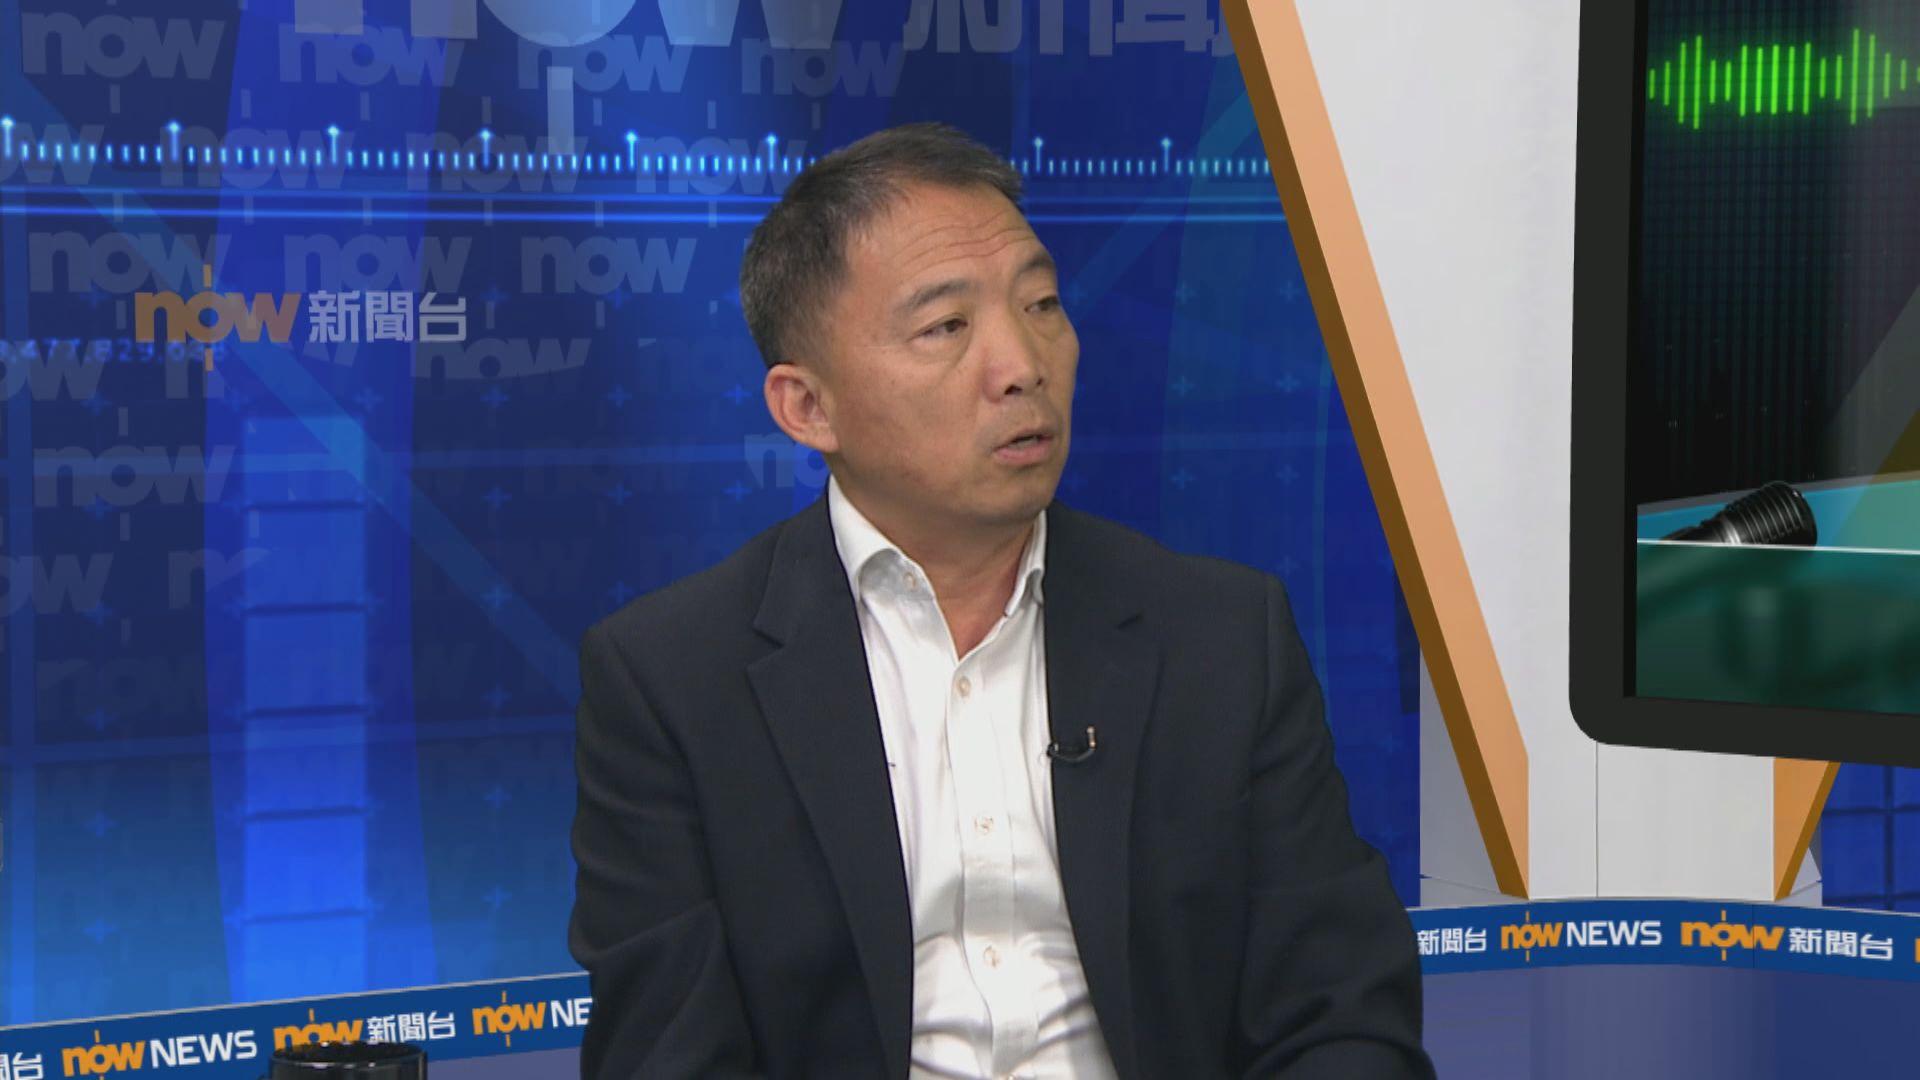 胡志偉:今屆區選市民以選票對政府表態